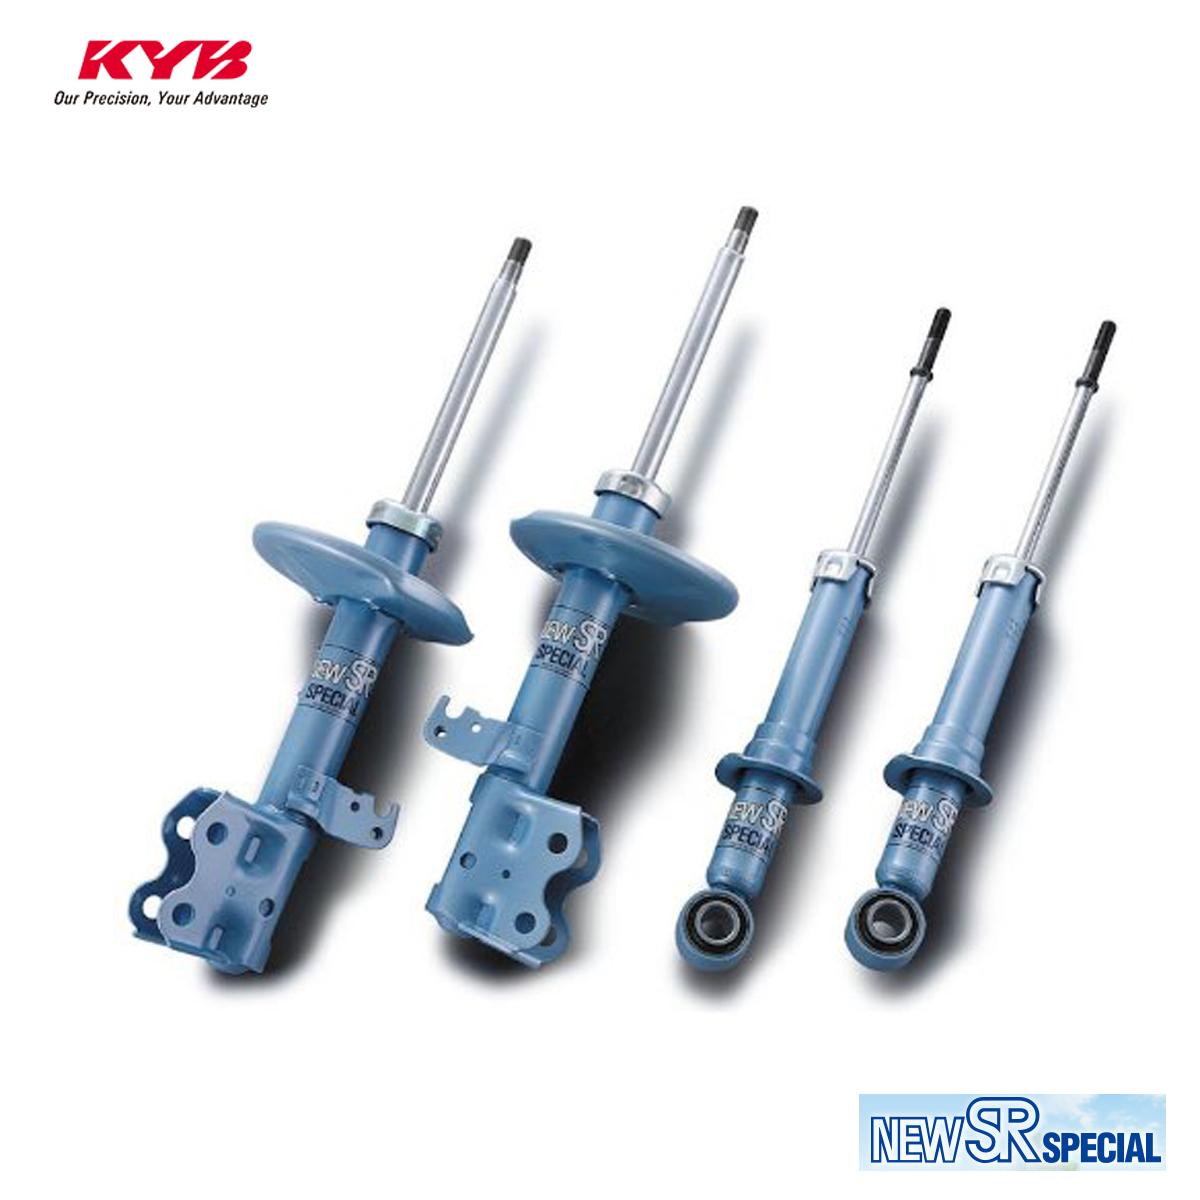 KYB カヤバ トッポ H82A ショックアブソーバー 1台分 NEW SR SPECIAL NS-53991103 配送先条件有り